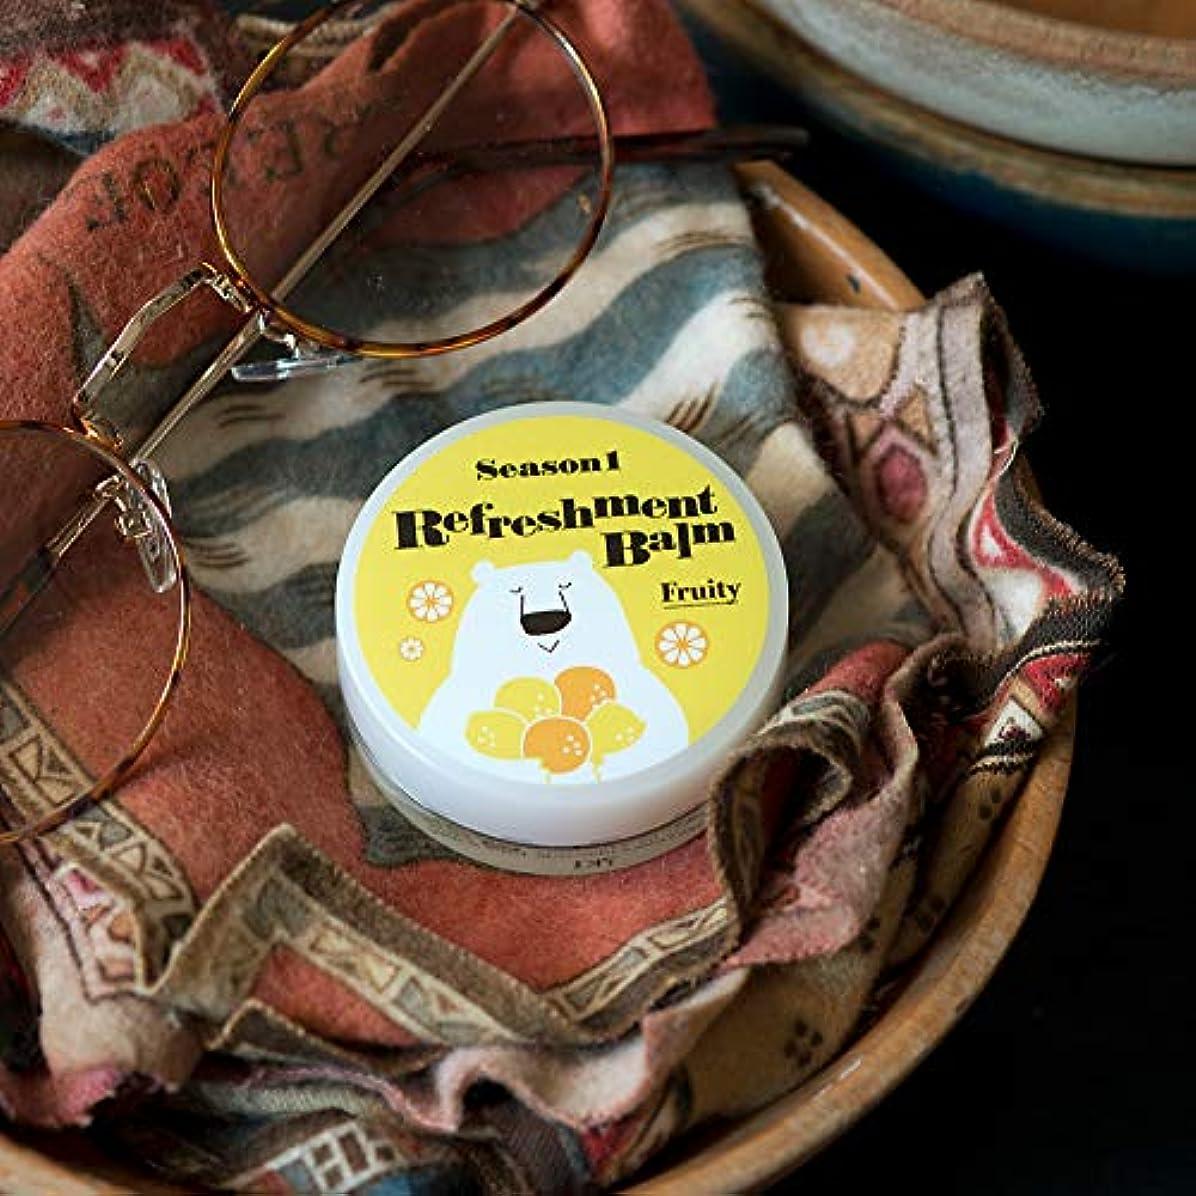 強制過言中絶(美健)BIKEN カサカサ鼻にひと塗り リフレッシュメントバーム フルーティ エッセンシャルオイル(精油)のみで香り付け